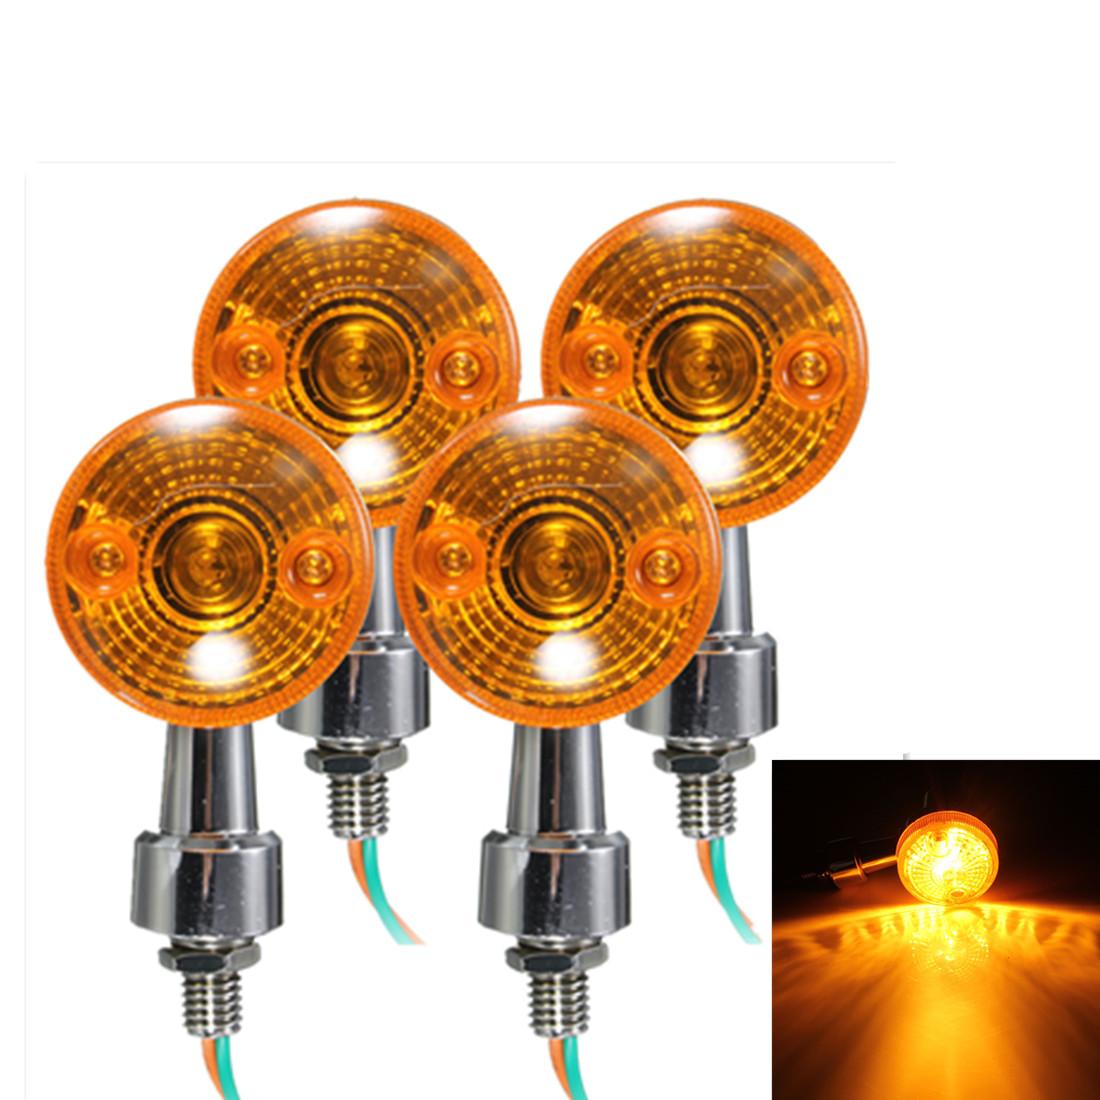 4x motorrad blinker blinkleuchte signallicht lampe gelb. Black Bedroom Furniture Sets. Home Design Ideas